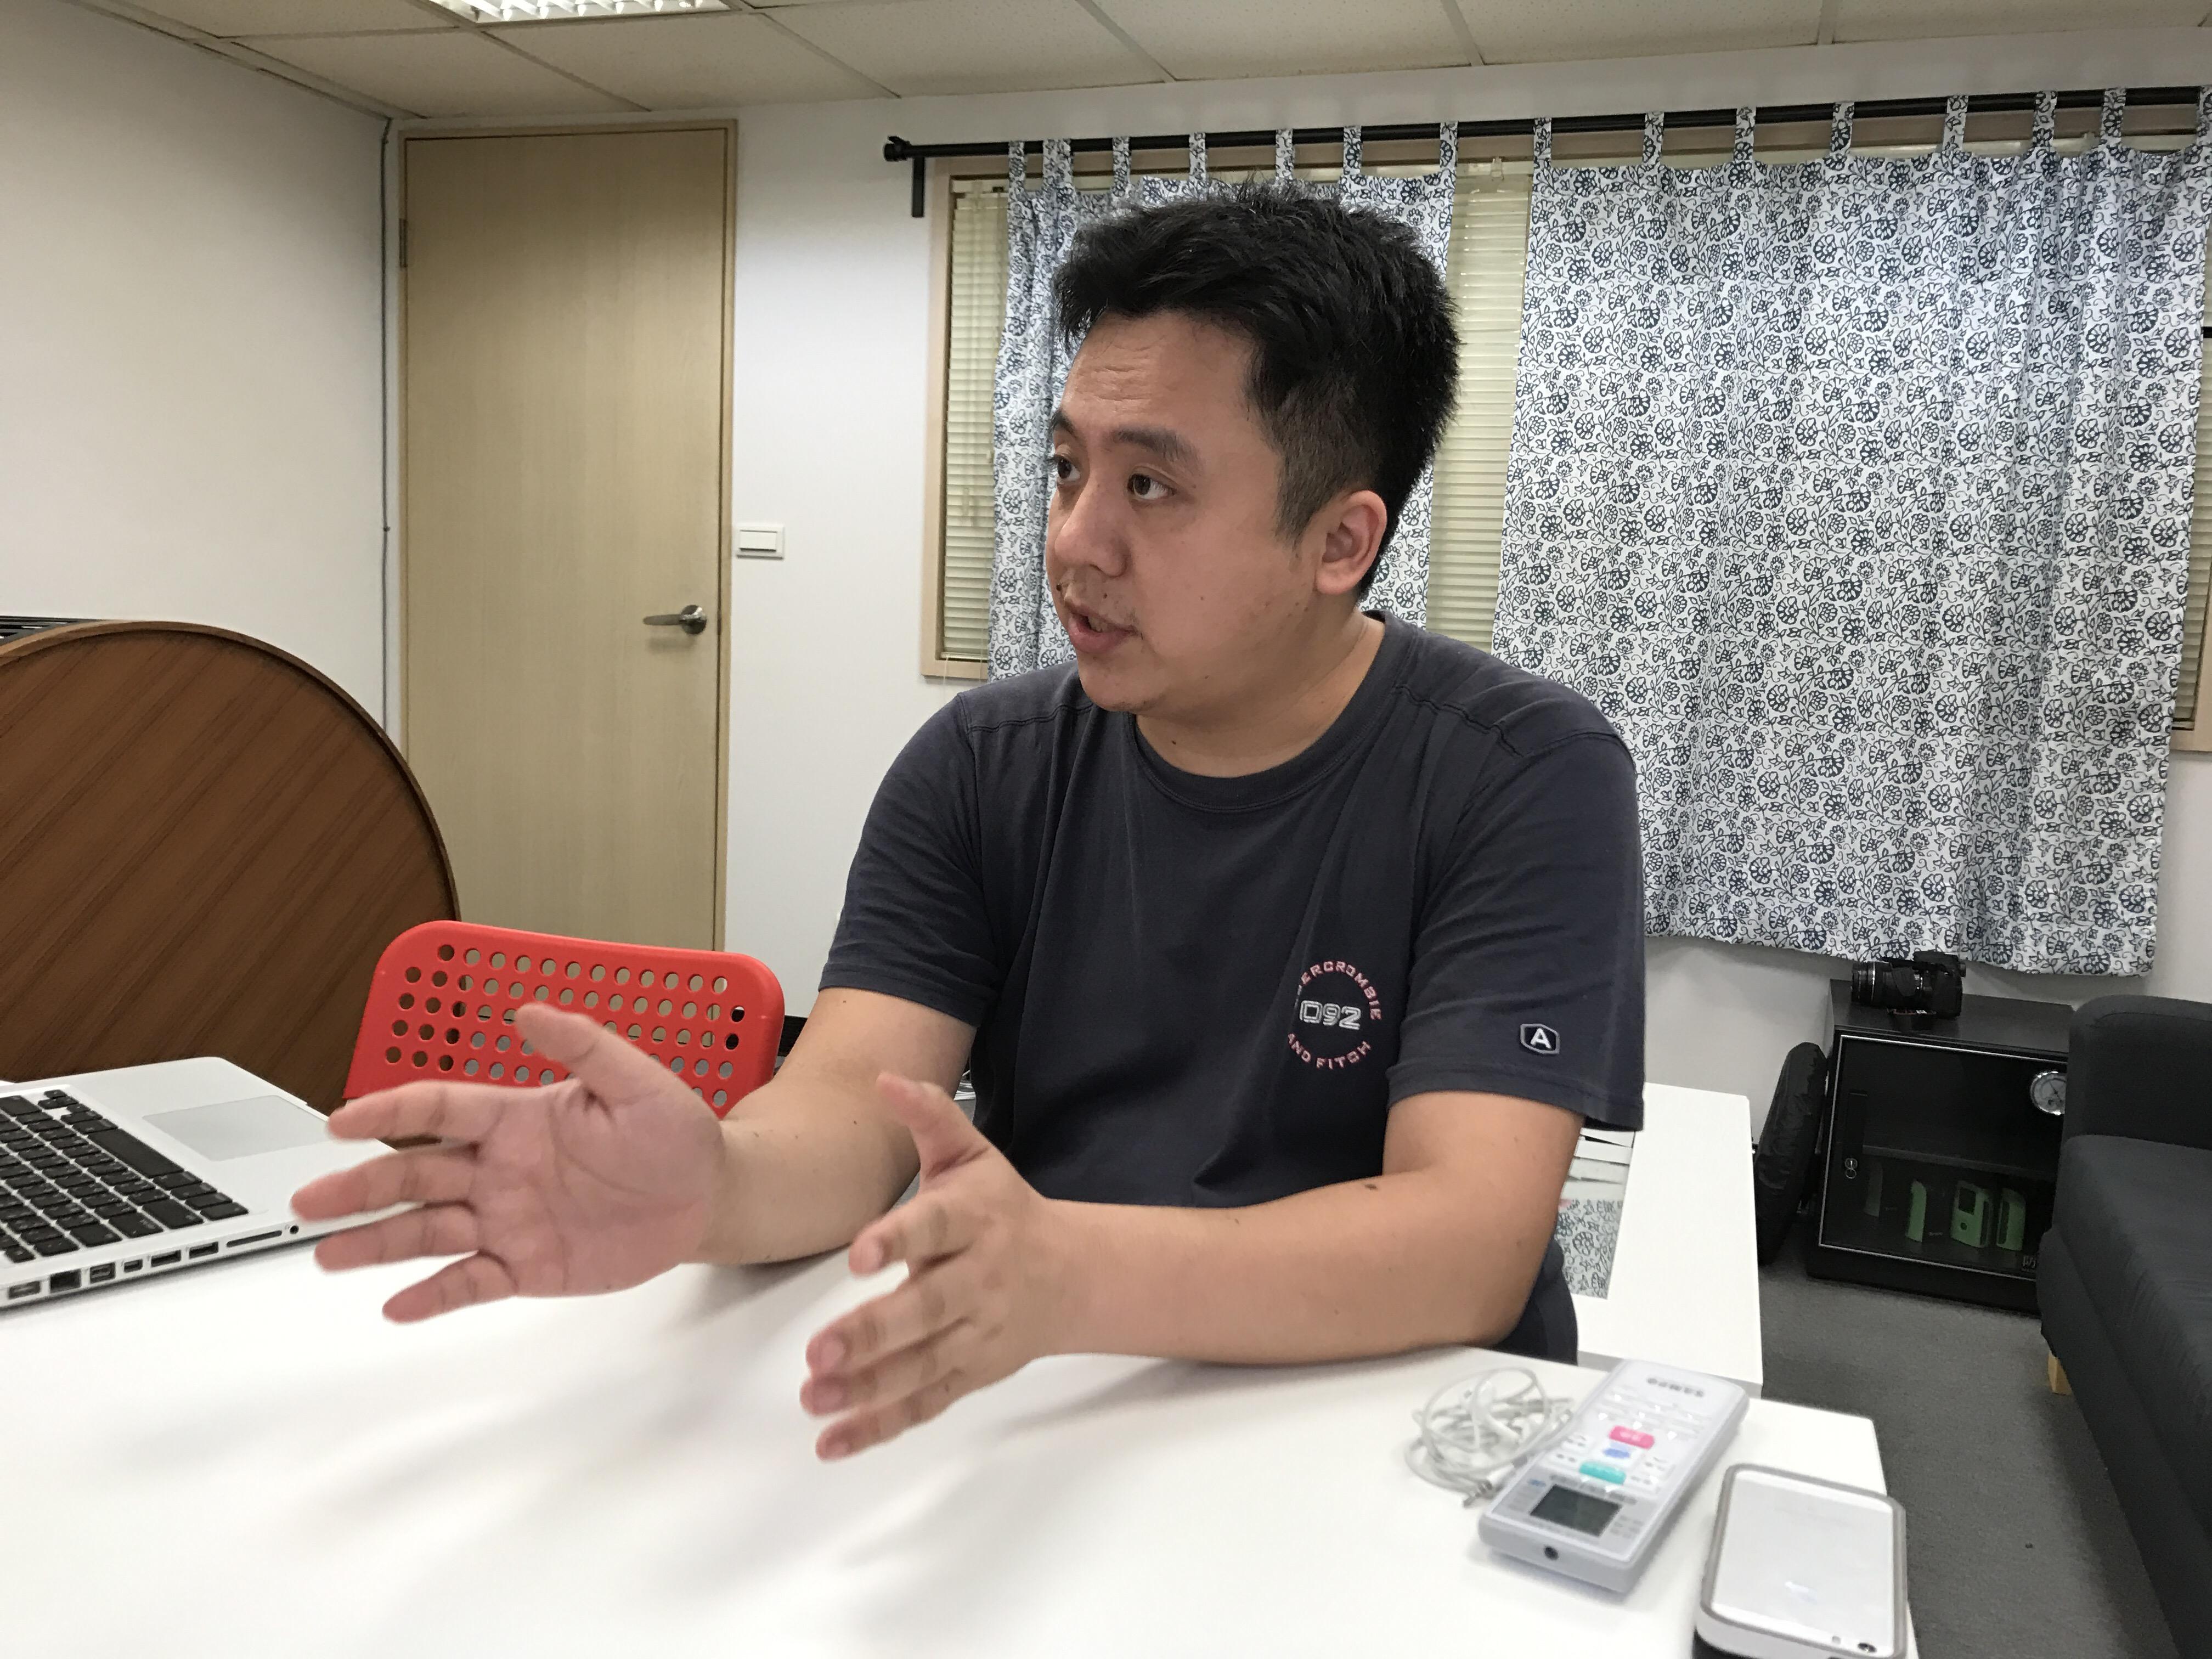 培養多位youtube網紅的世新大學廣電系教授謝孟儒說明台灣網紅現況。攝影/陳家柔